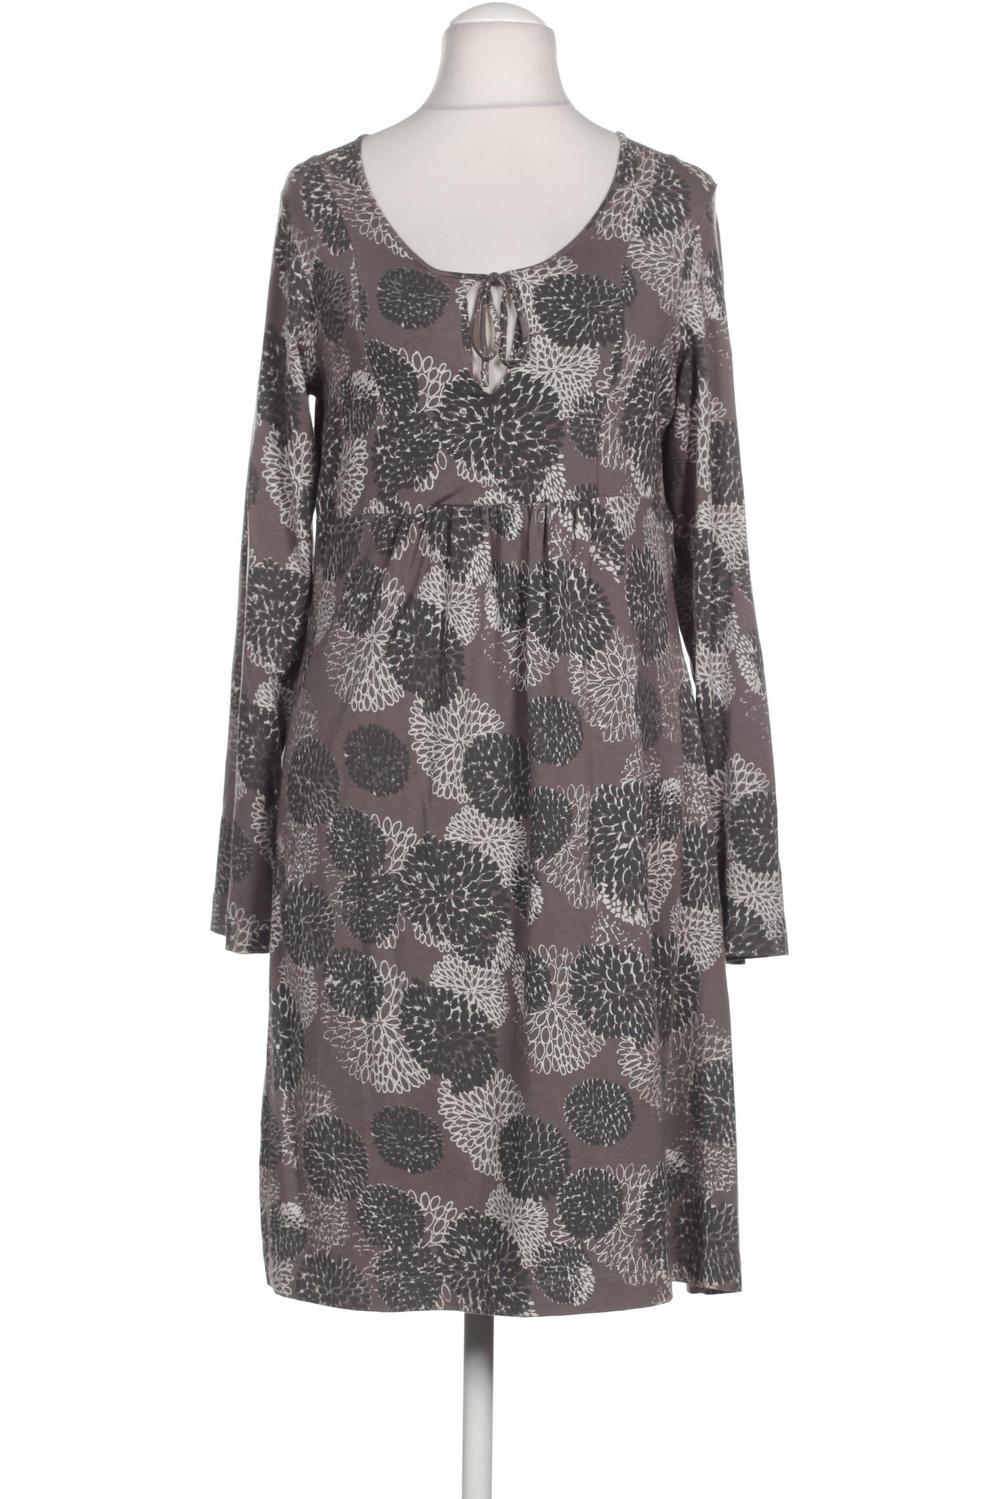 Deerberg Damen Kleid INT S Second Hand kaufen | ubup